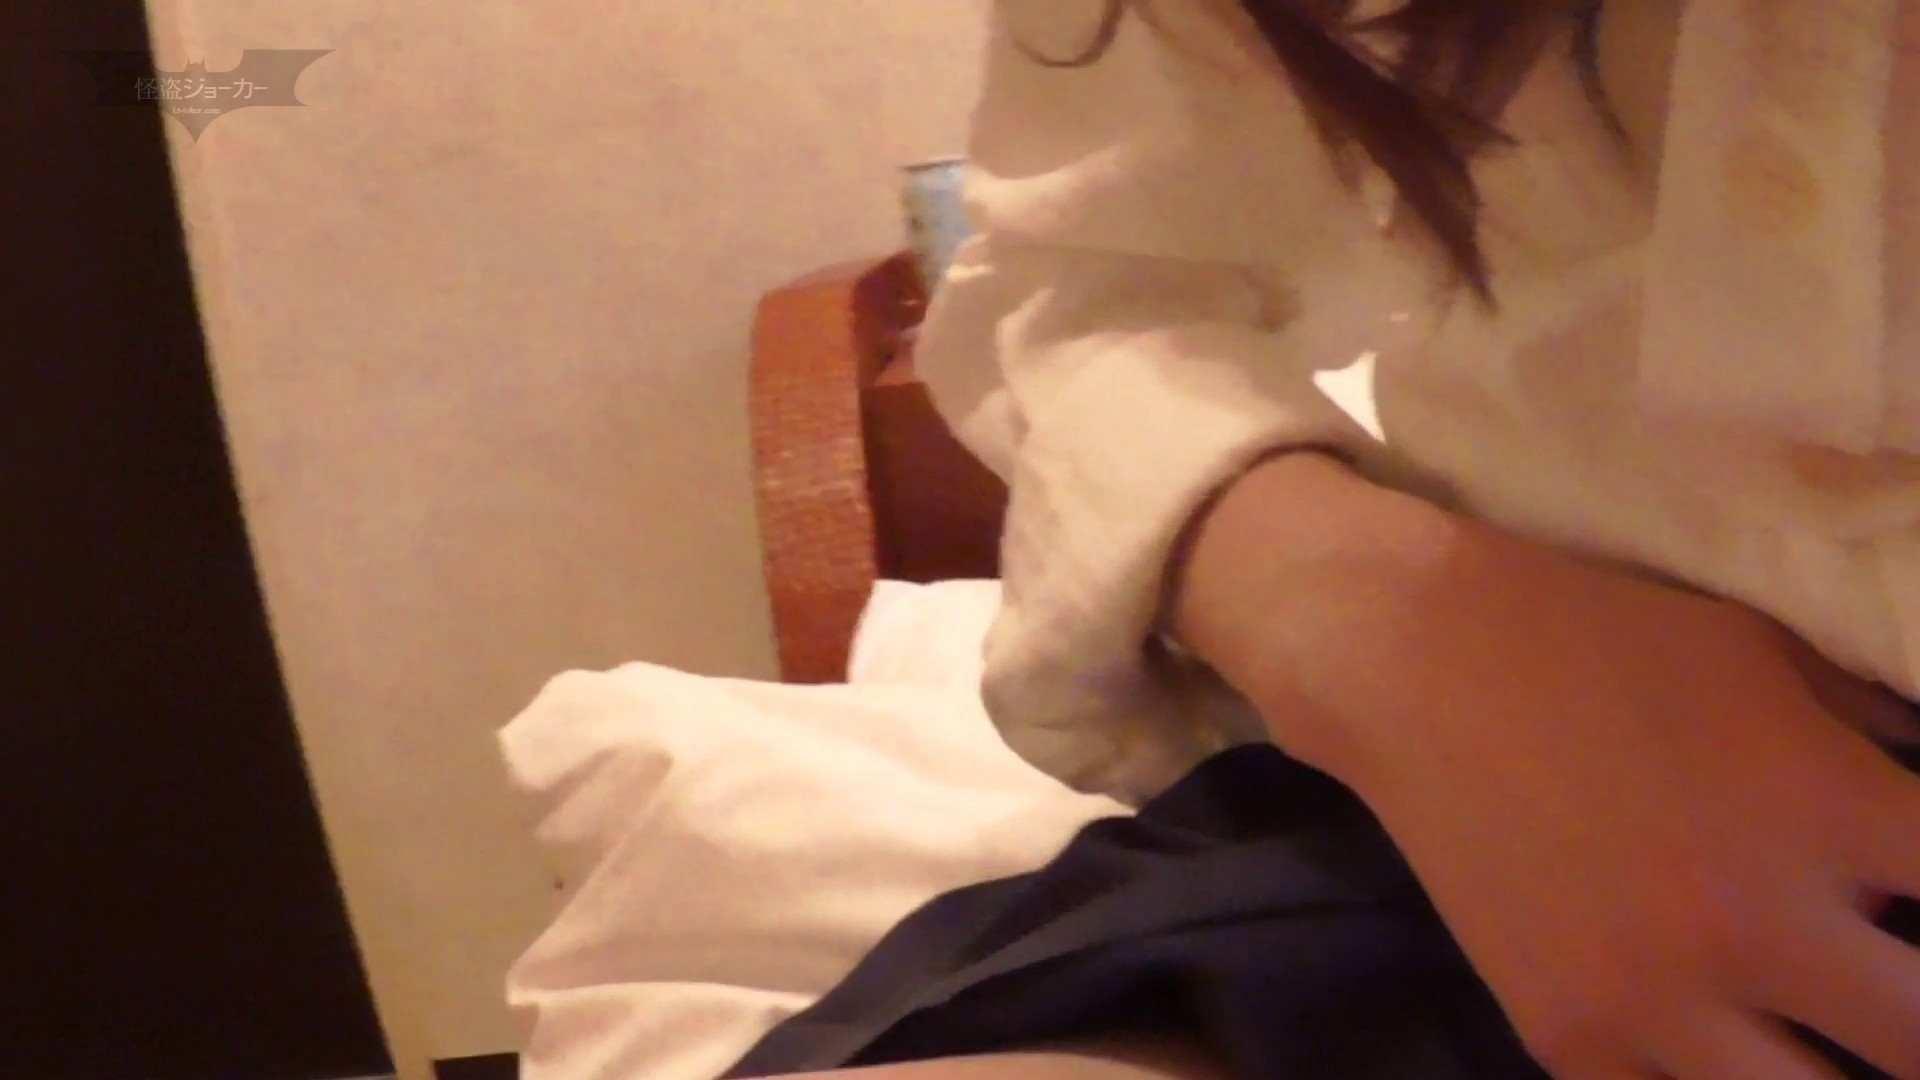 パンツを売る女 Vol.18 最近のSEIFUKUは話が早いっ!舐めるの上手いっ エッチすぎるOL達   パンツ  97連発 15